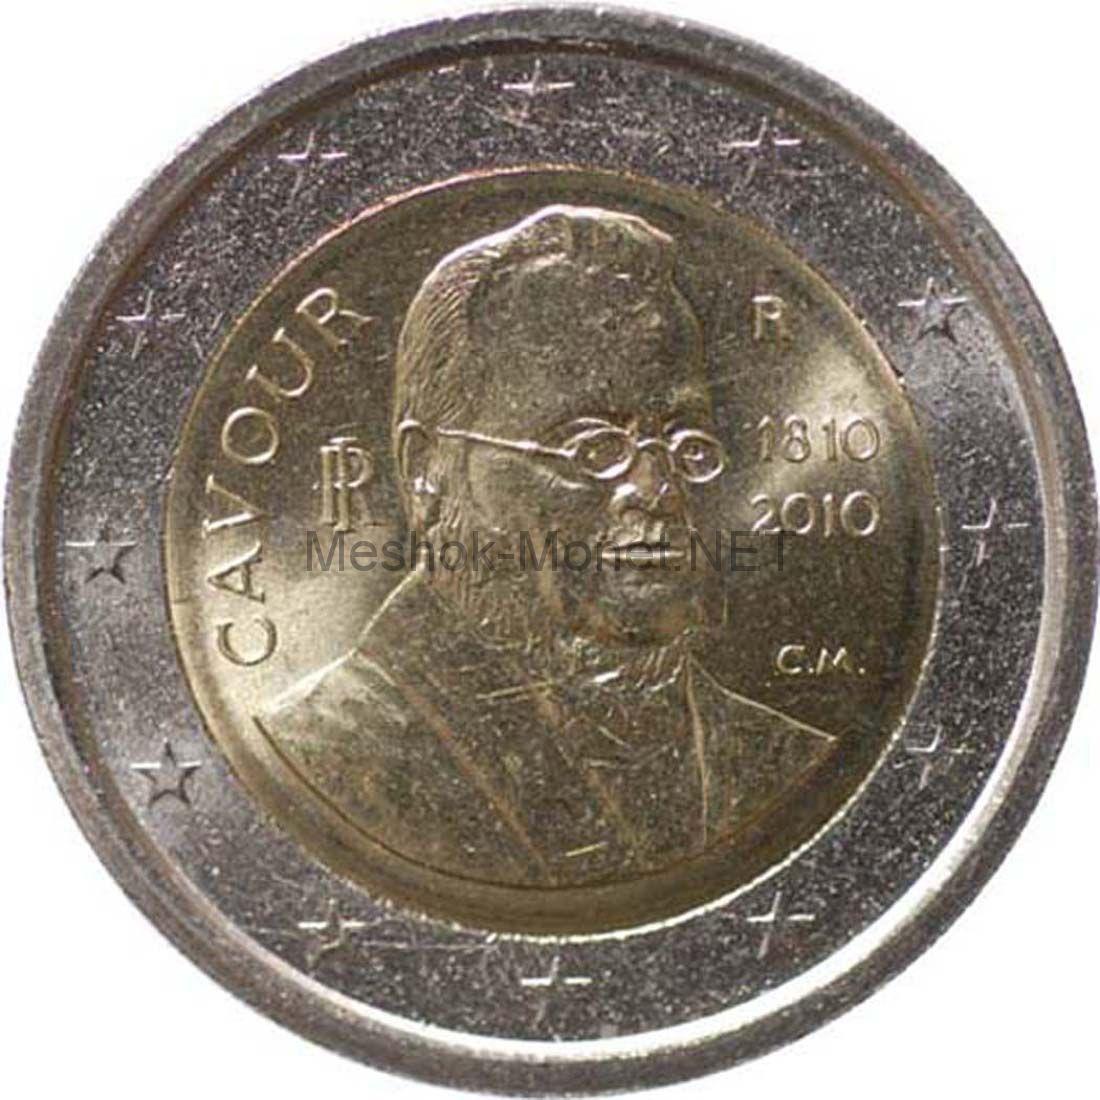 Италия 2 евро 2010, 200 лет со дня рождения Камилло Кавура